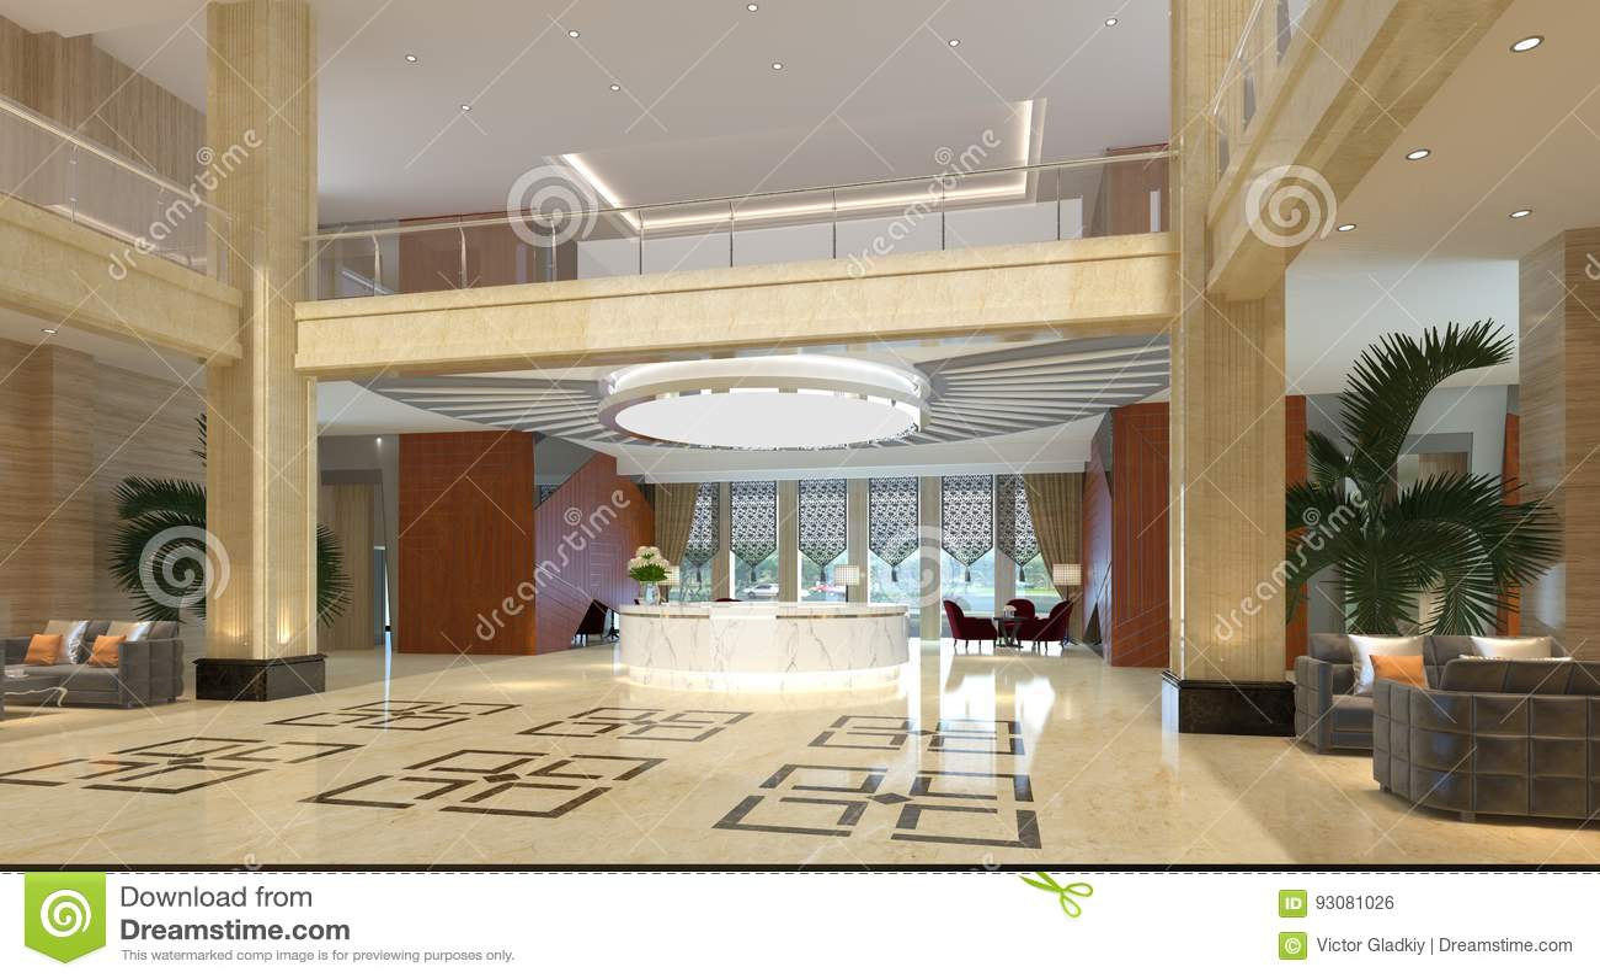 Interior Of Hotel Reception Hall 3D Illustration Stock Illustration ...